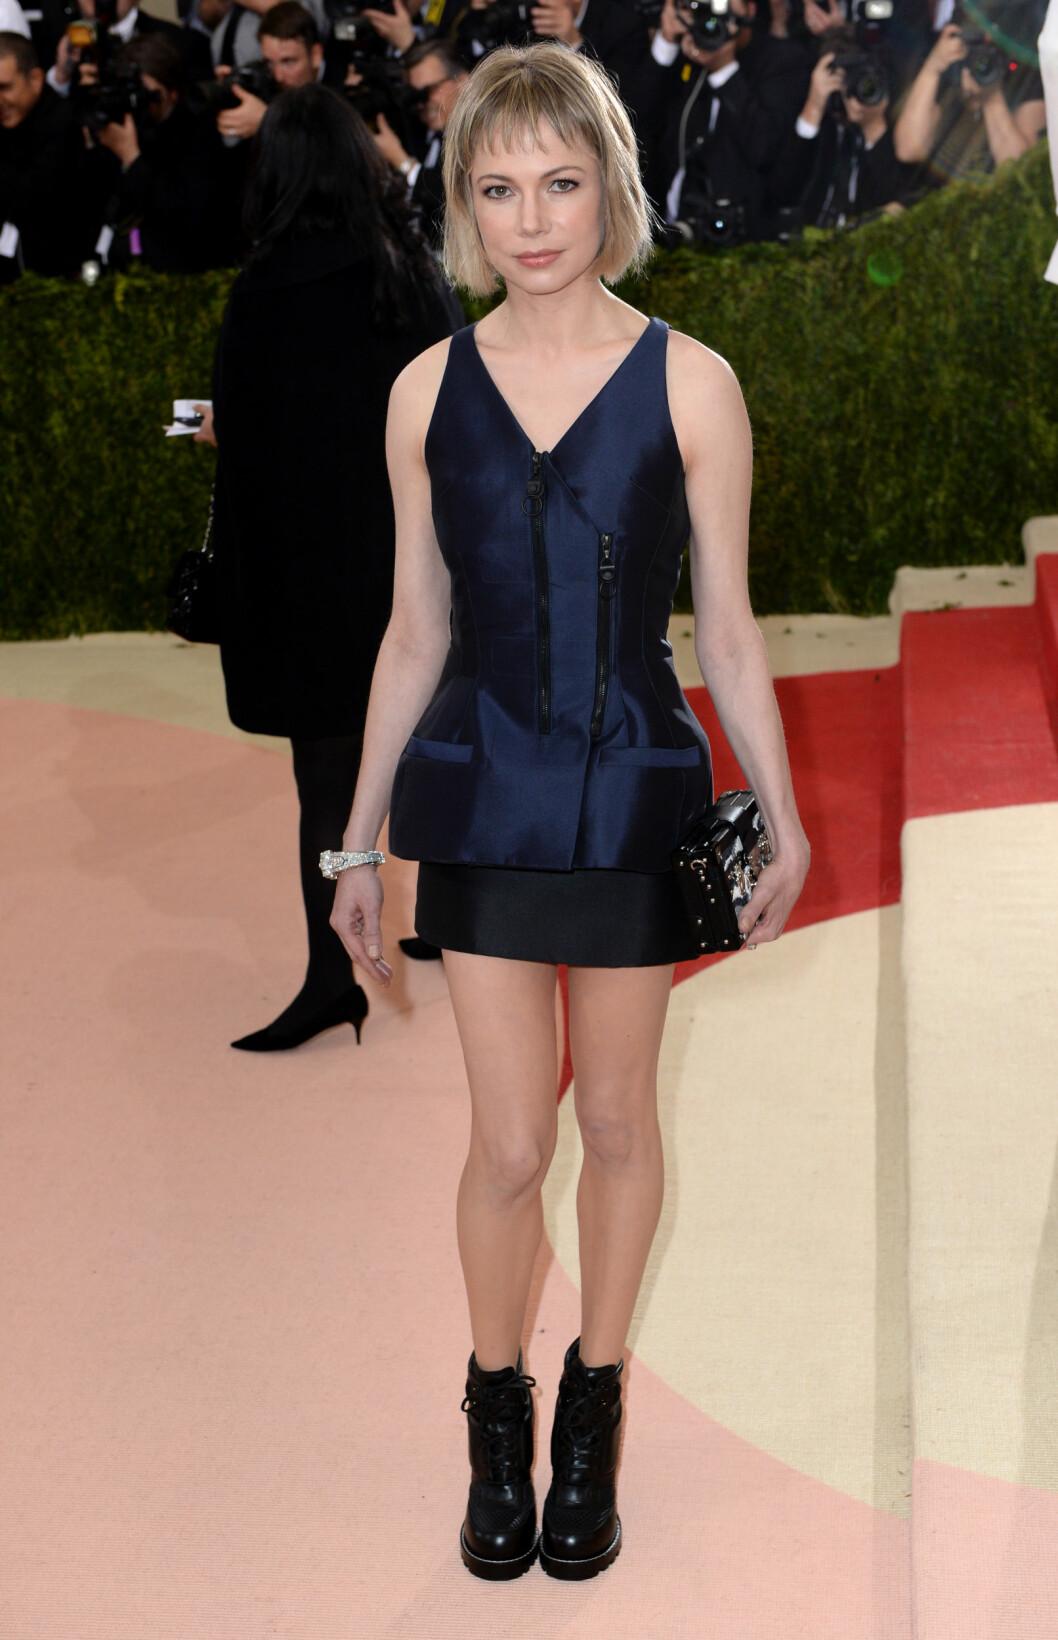 FOR ENKELT: Skuespiller Michelle Williams imponerte ikke i denne midnattsblå minikjolen med glidelåsdetalj, stylet med sorte boots og boksclutch. Foto: Pa Photos